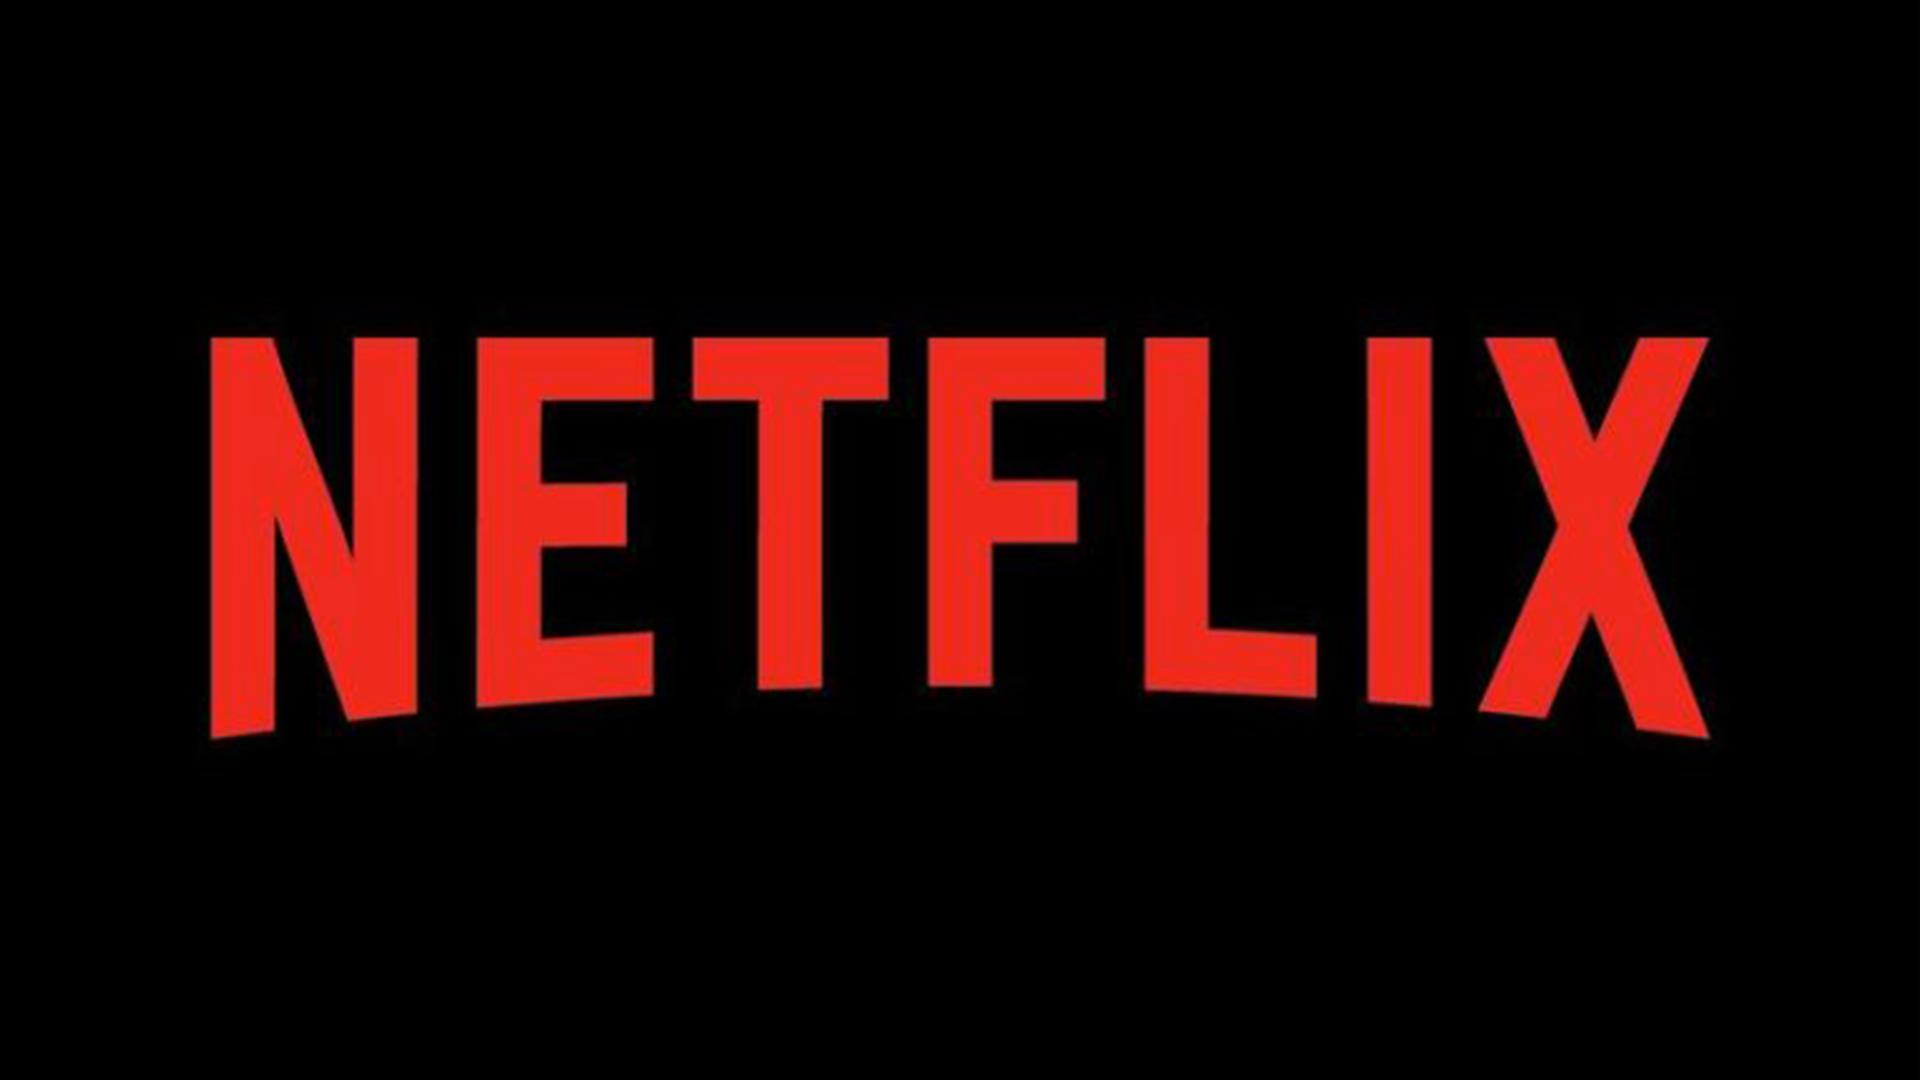 Gesves - Un film Netflix tourné principalement à la scierie hontoir (+ listes des routes touchées)